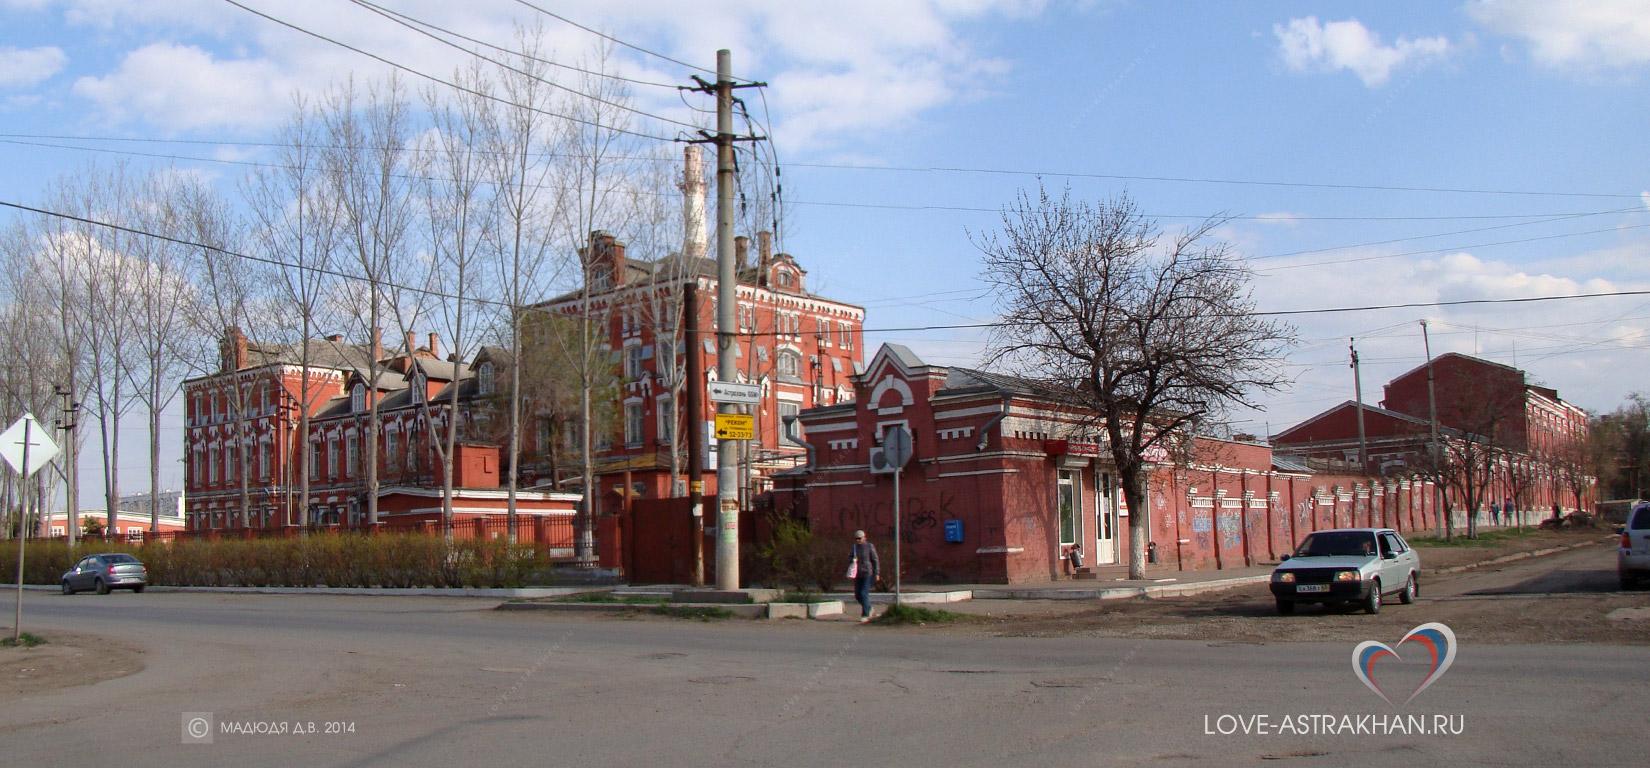 Фотографии Астрахани / Купеческая Астрахань